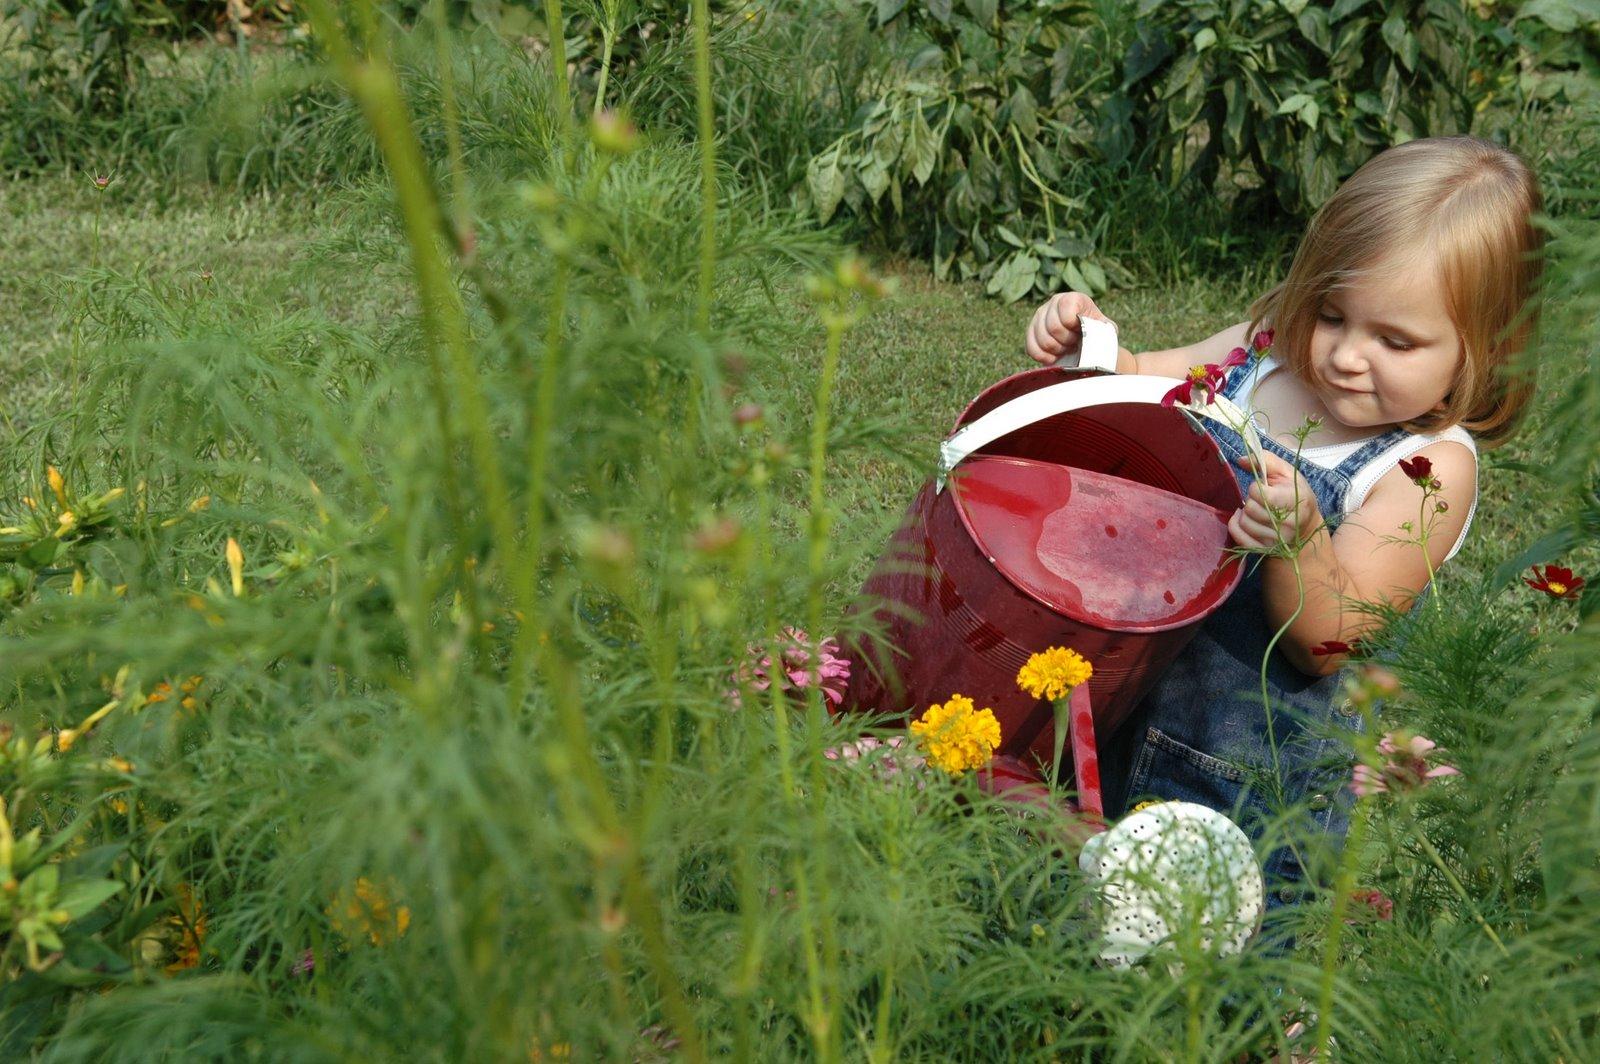 Garden chick in my garden gardening with kids for Gardening with children